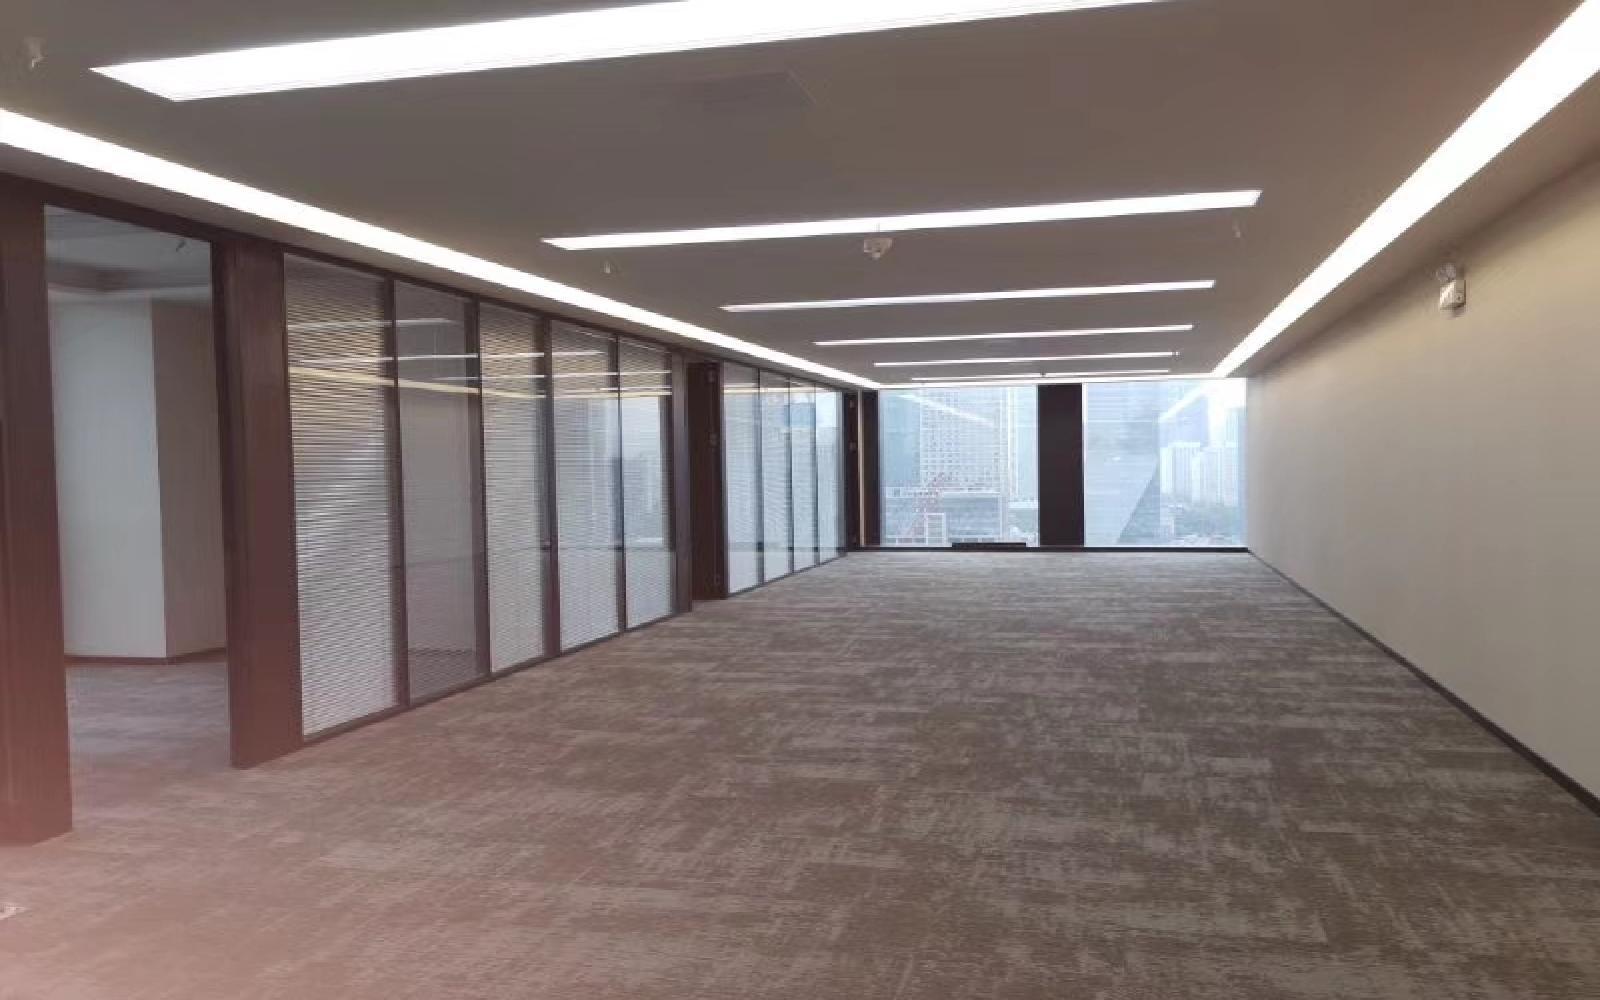 南山-后海 中铁南方总部大厦 507m²